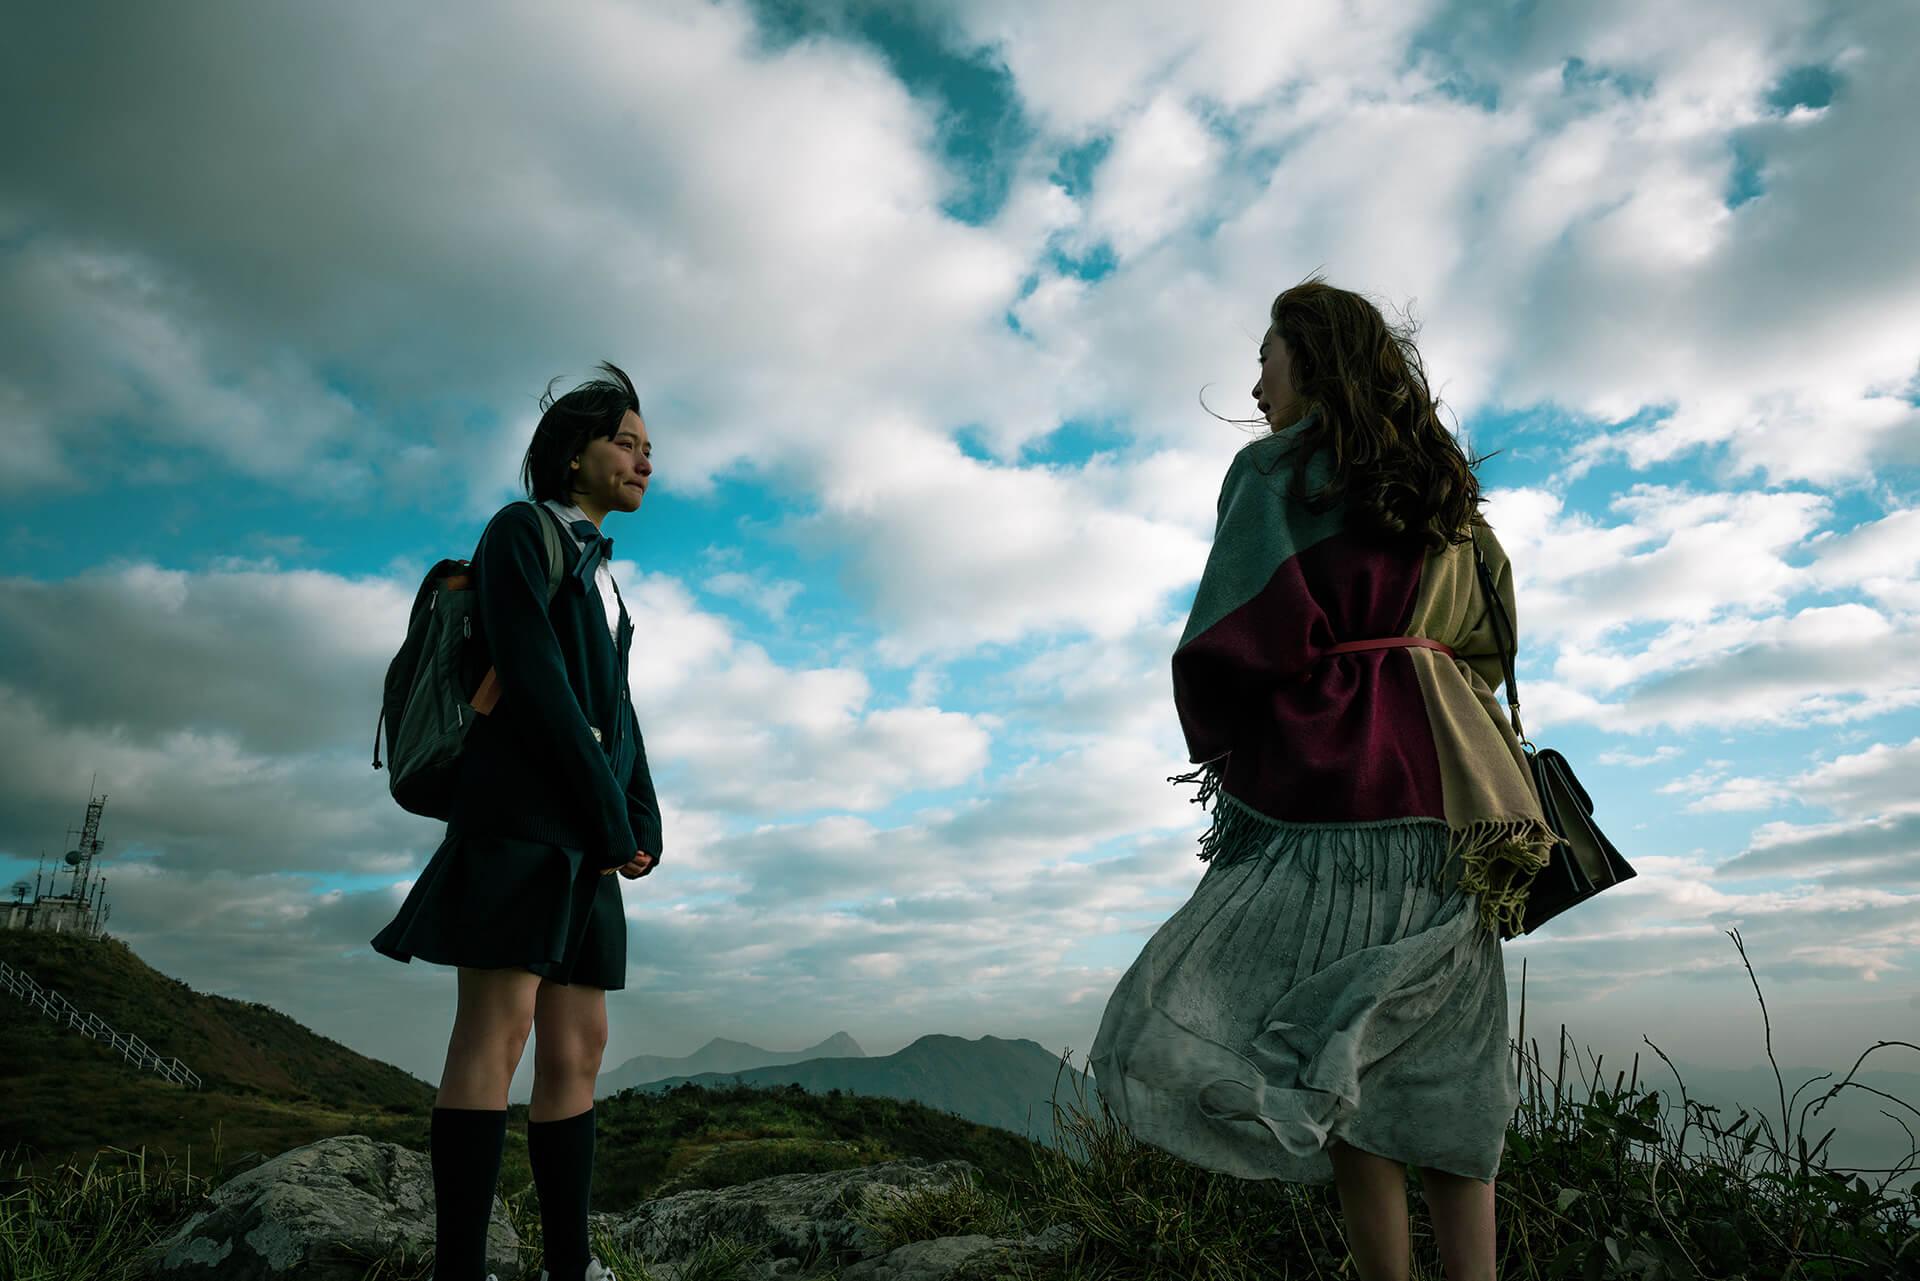 《G殺》陳漢娜飾演的「G」及其母親(由楊卓娜飾演)感情深厚,後者過世後為G的生活帶來巨變。(圖片由作者提供)